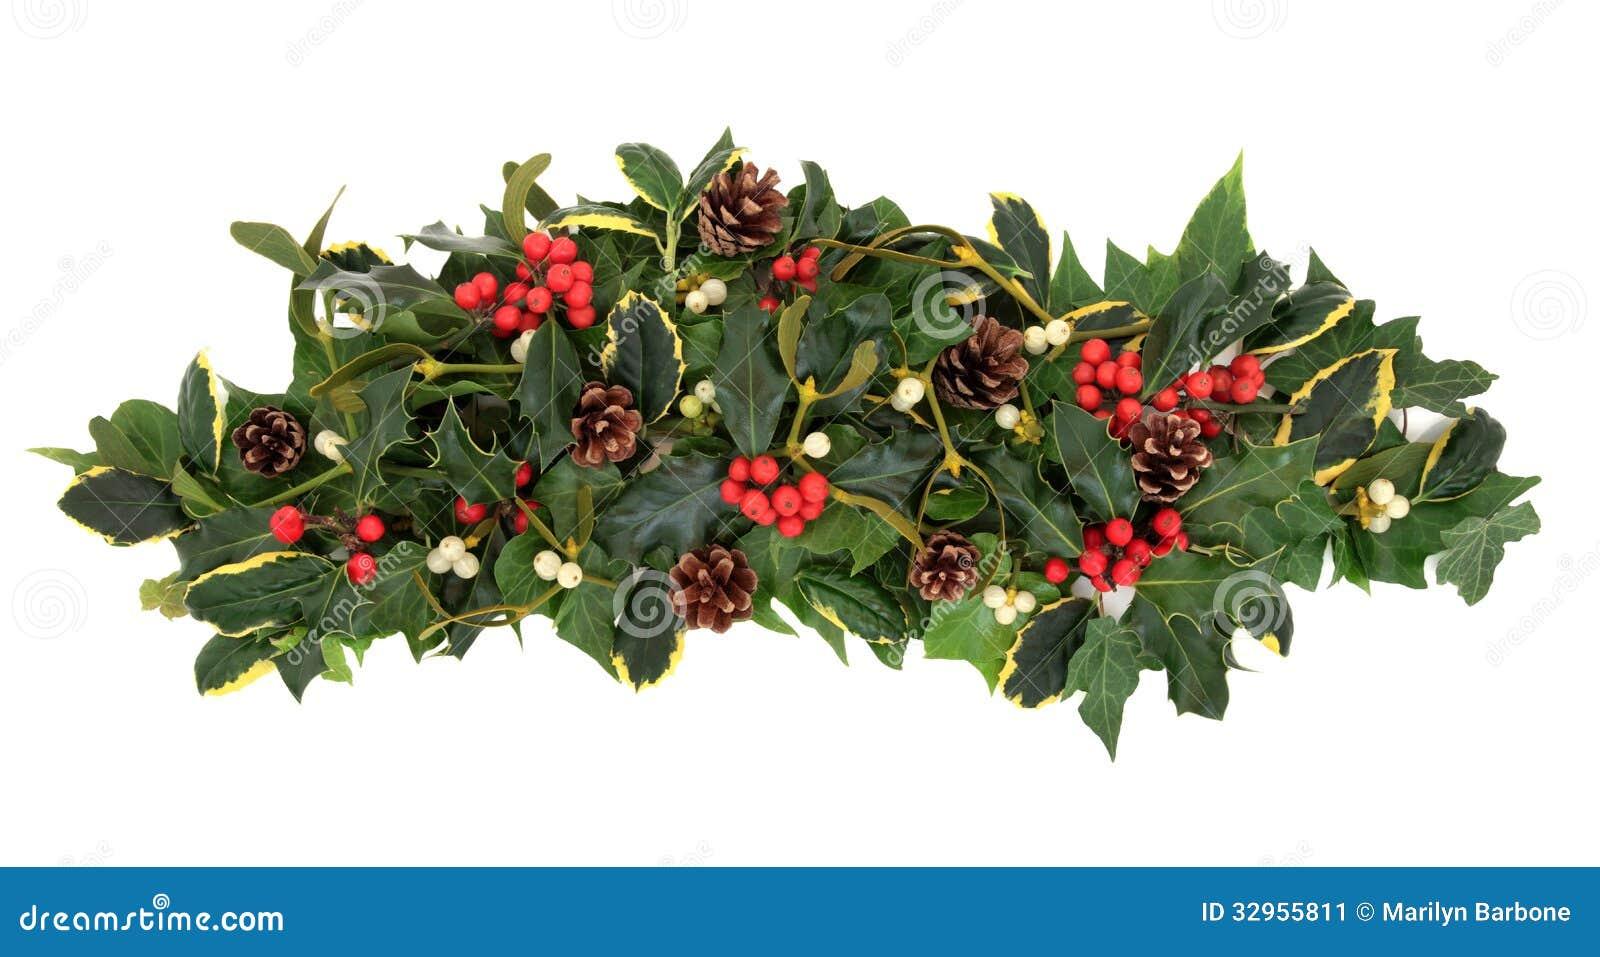 Winter Floral Arrangements Clipart